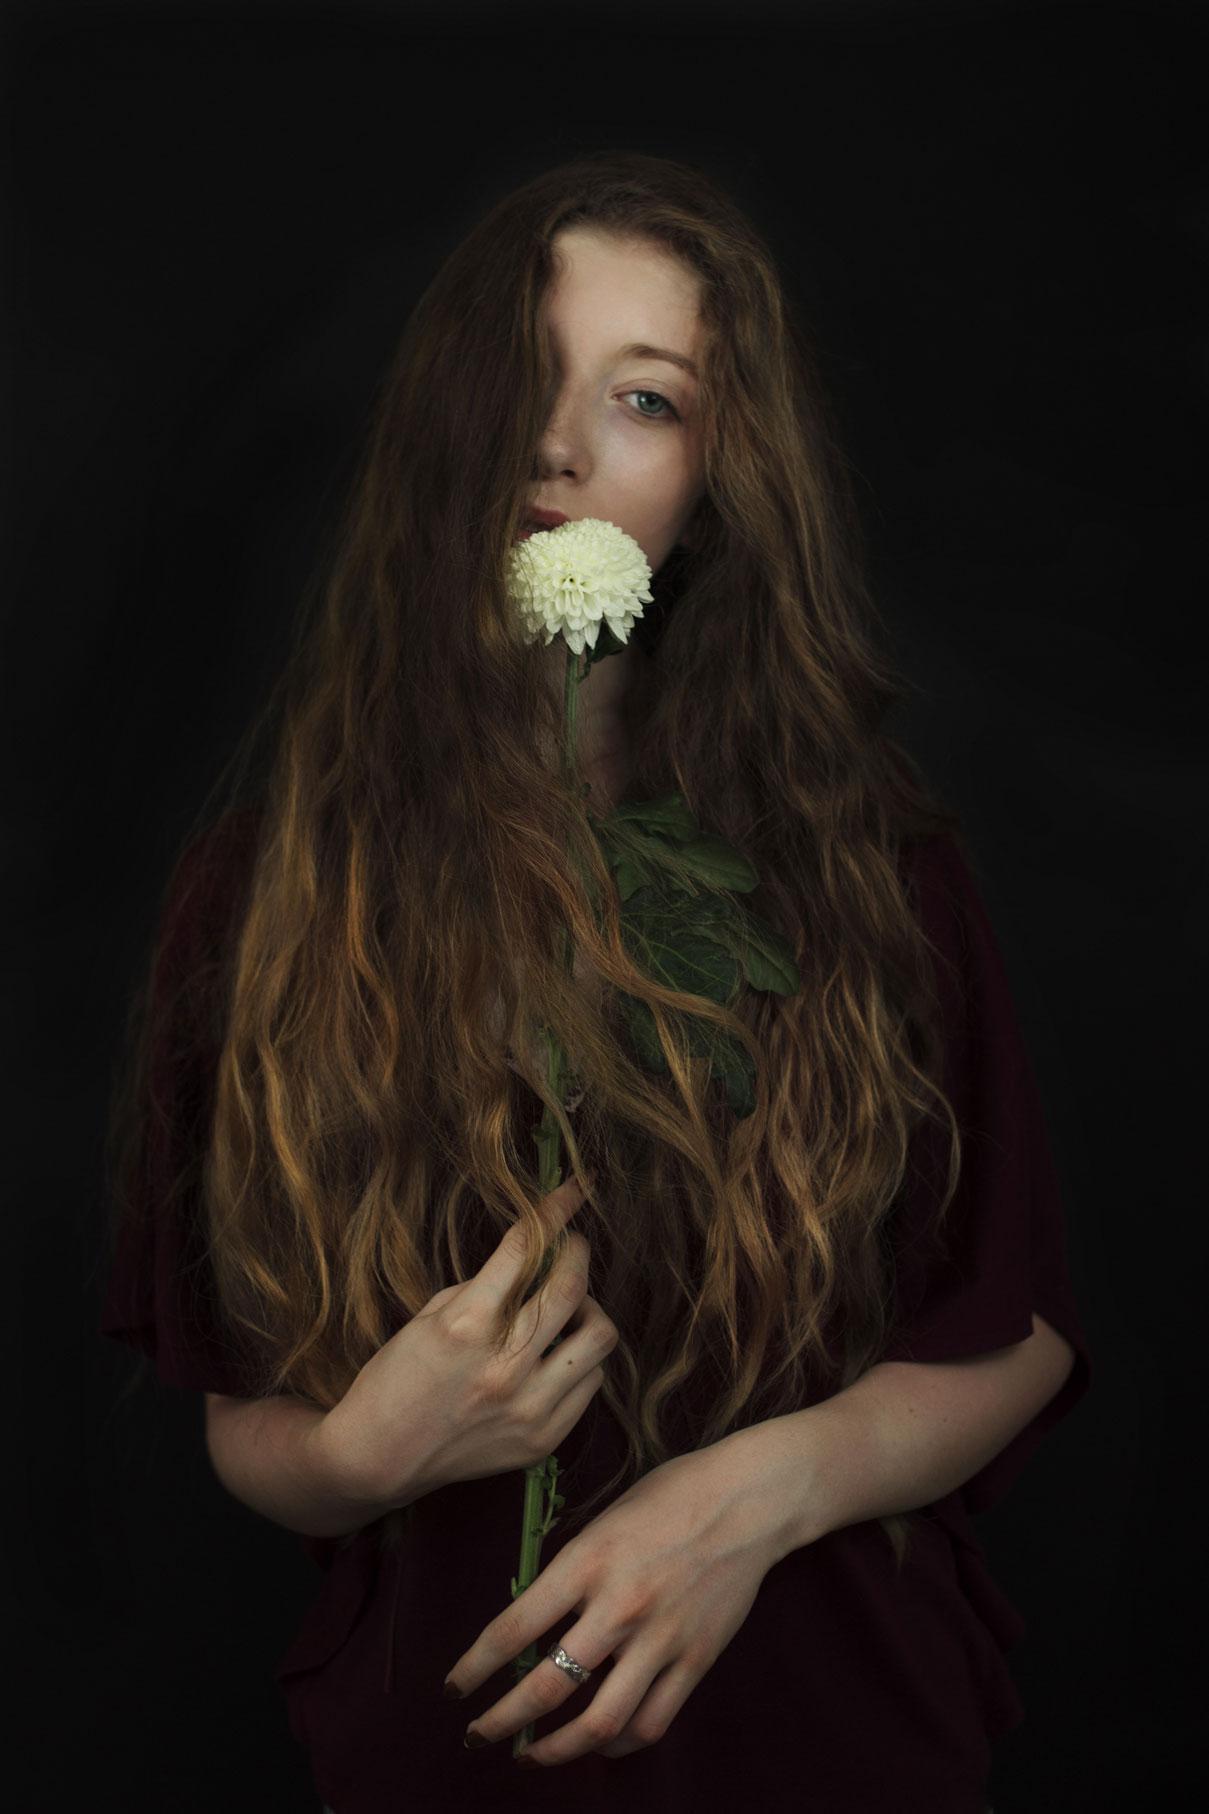 jeune femme aux long cheveux blond vénitiens avec une fleur blanche